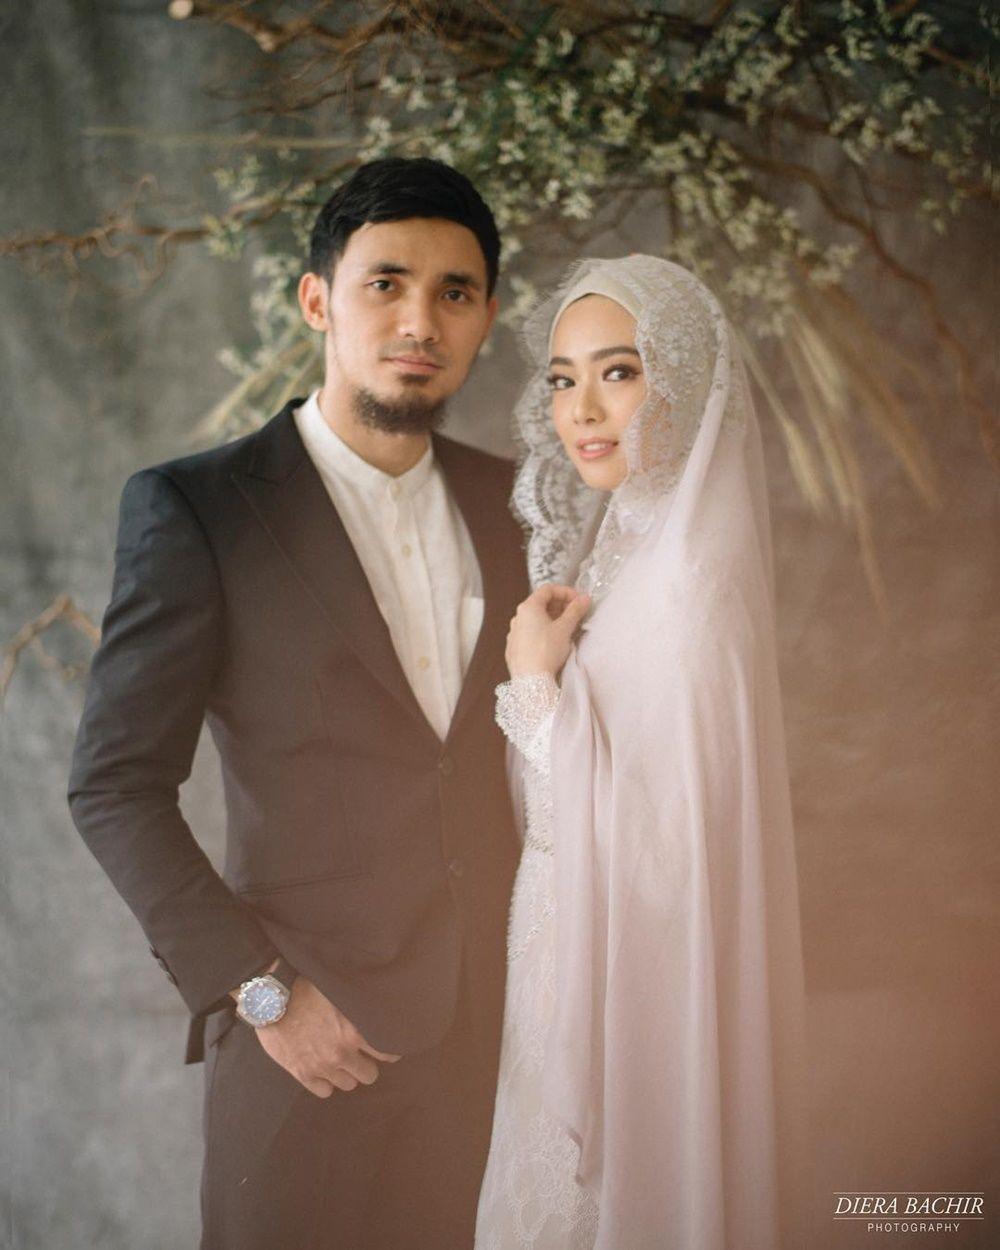 Lindswell Kwok Jadi Mualaf Dan Tantangan Belajar Islam: 6 Fakta Menarik Dari Pernikahan Lindswell Kwok Dan Achmad